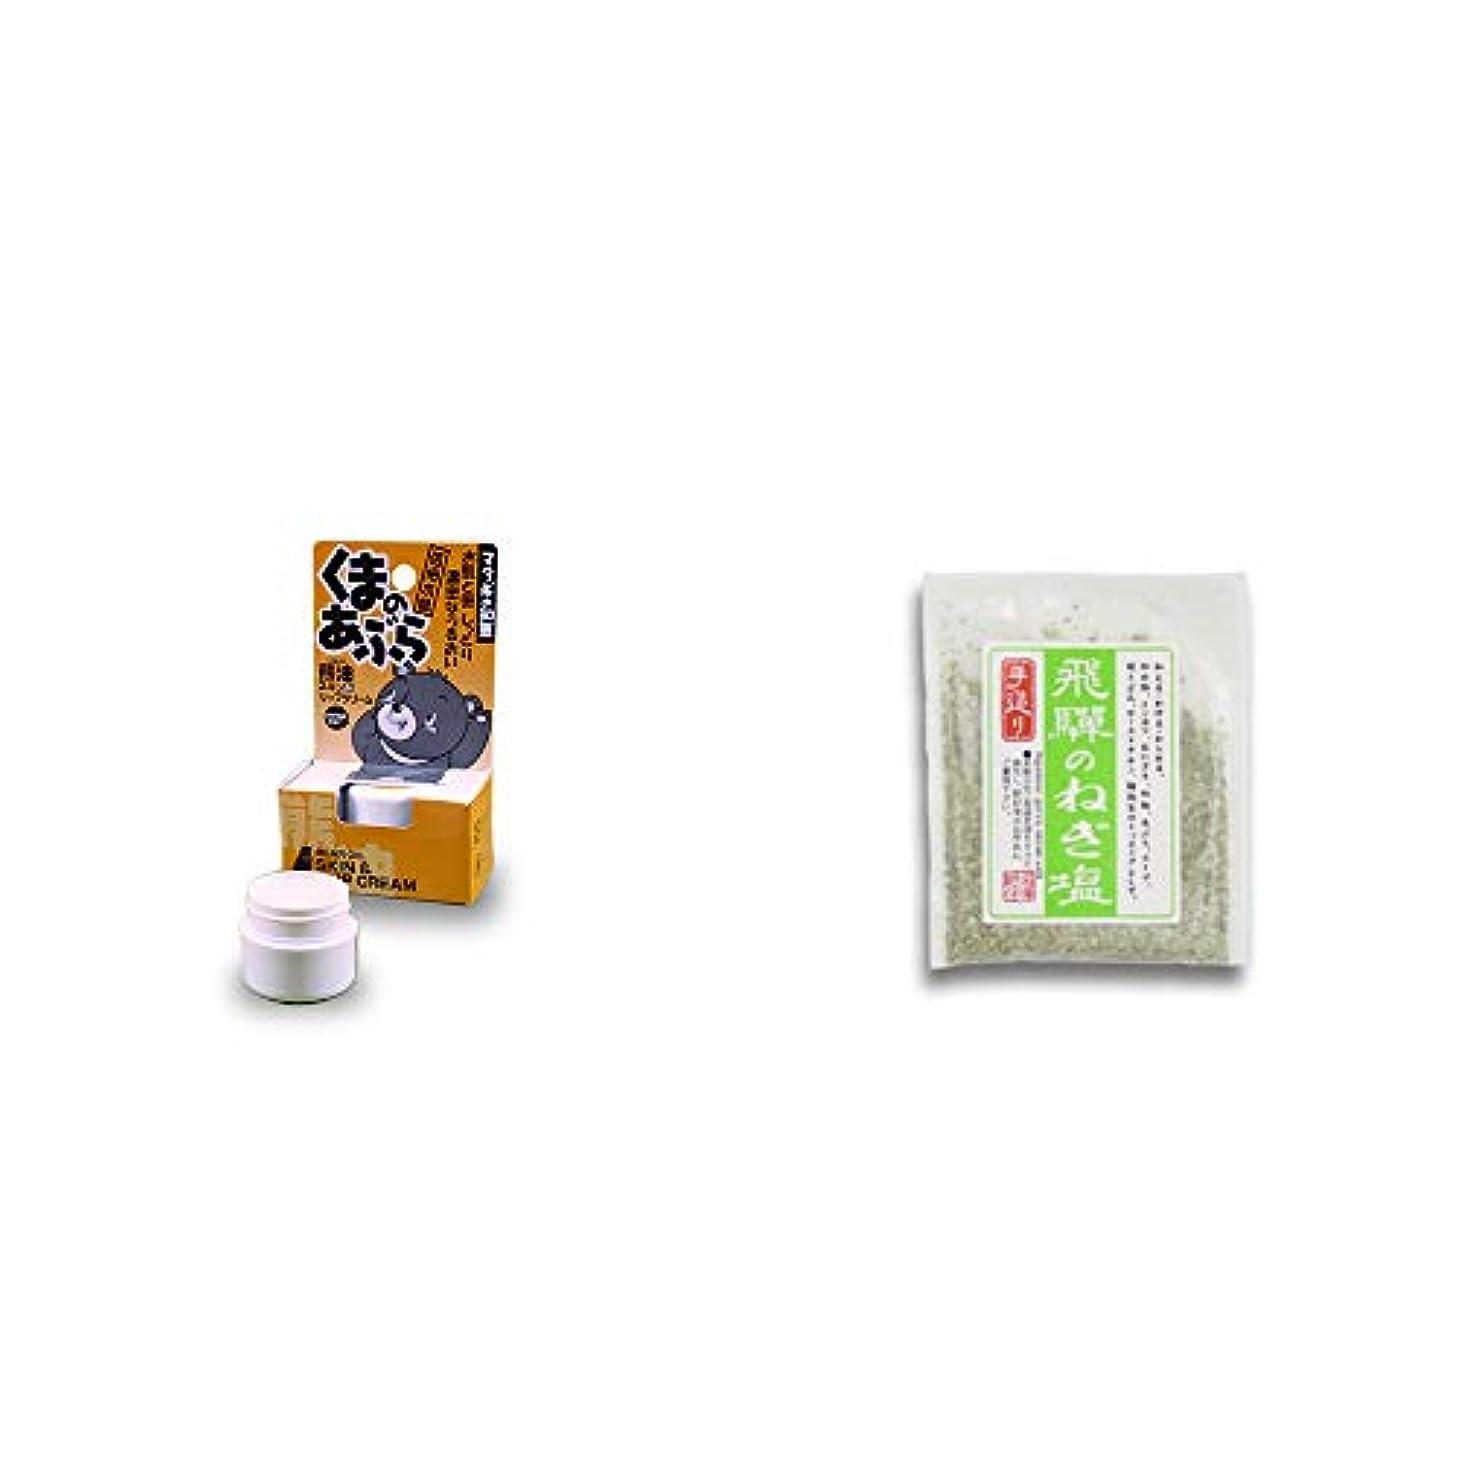 [2点セット] 信州木曽 くまのあぶら 熊油スキン&リップクリーム(9g)?手造り 飛騨のねぎ塩(40g)